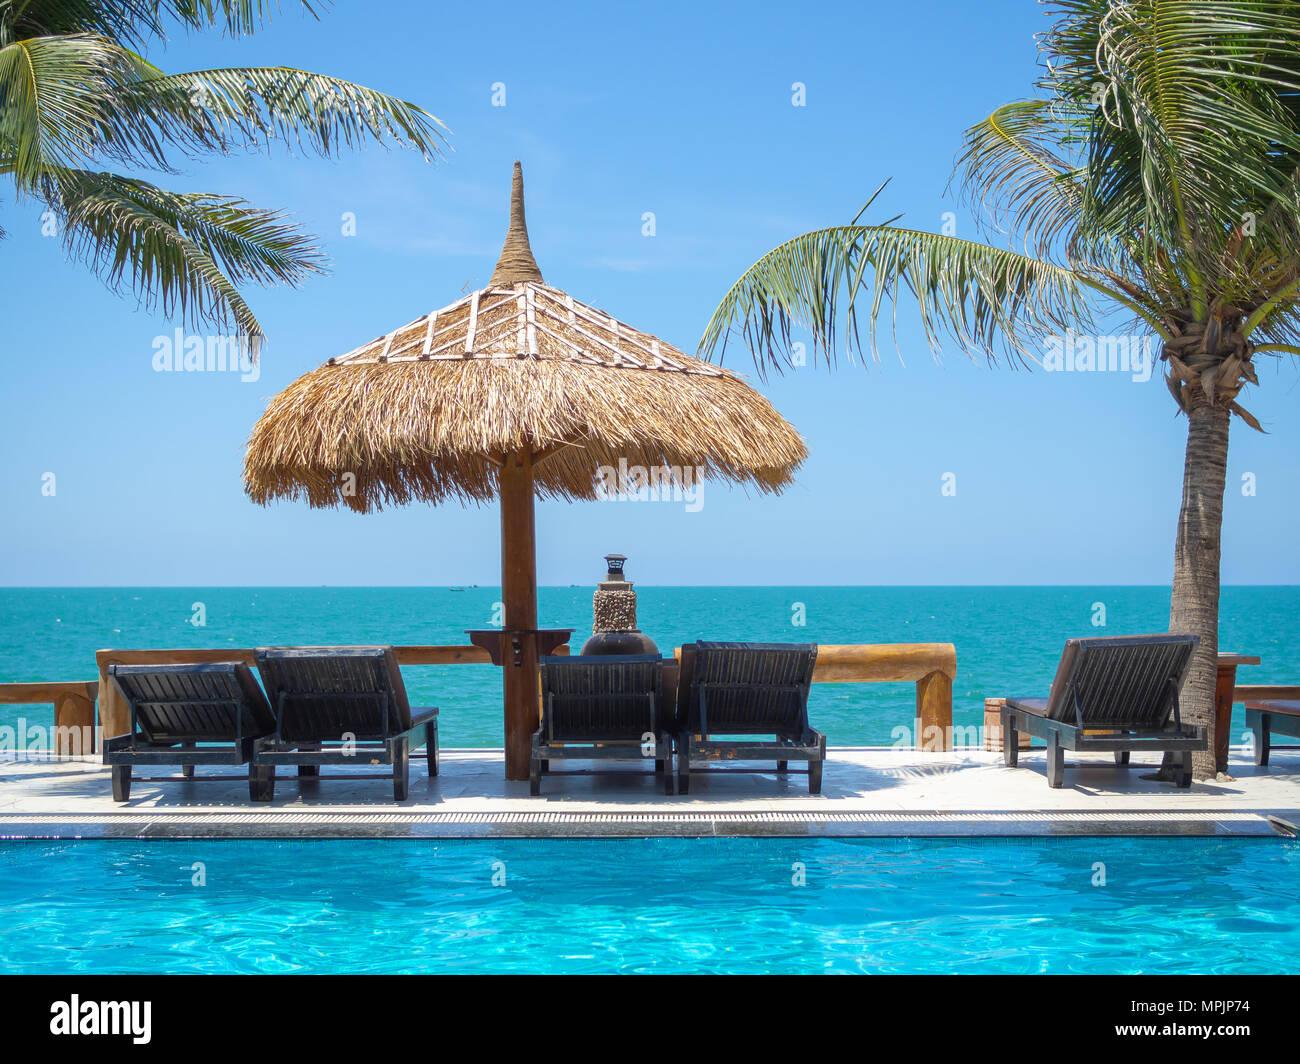 Come Costruire Un Ombrellone Di Paglia.Terrazza Vista Mare Sdraio Sotto Gli Ombrelloni Di Paglia Con Palme Di Cocco E Piscina Sul Cielo Azzurro Sfondo Concetto Di Estate Foto Stock Alamy